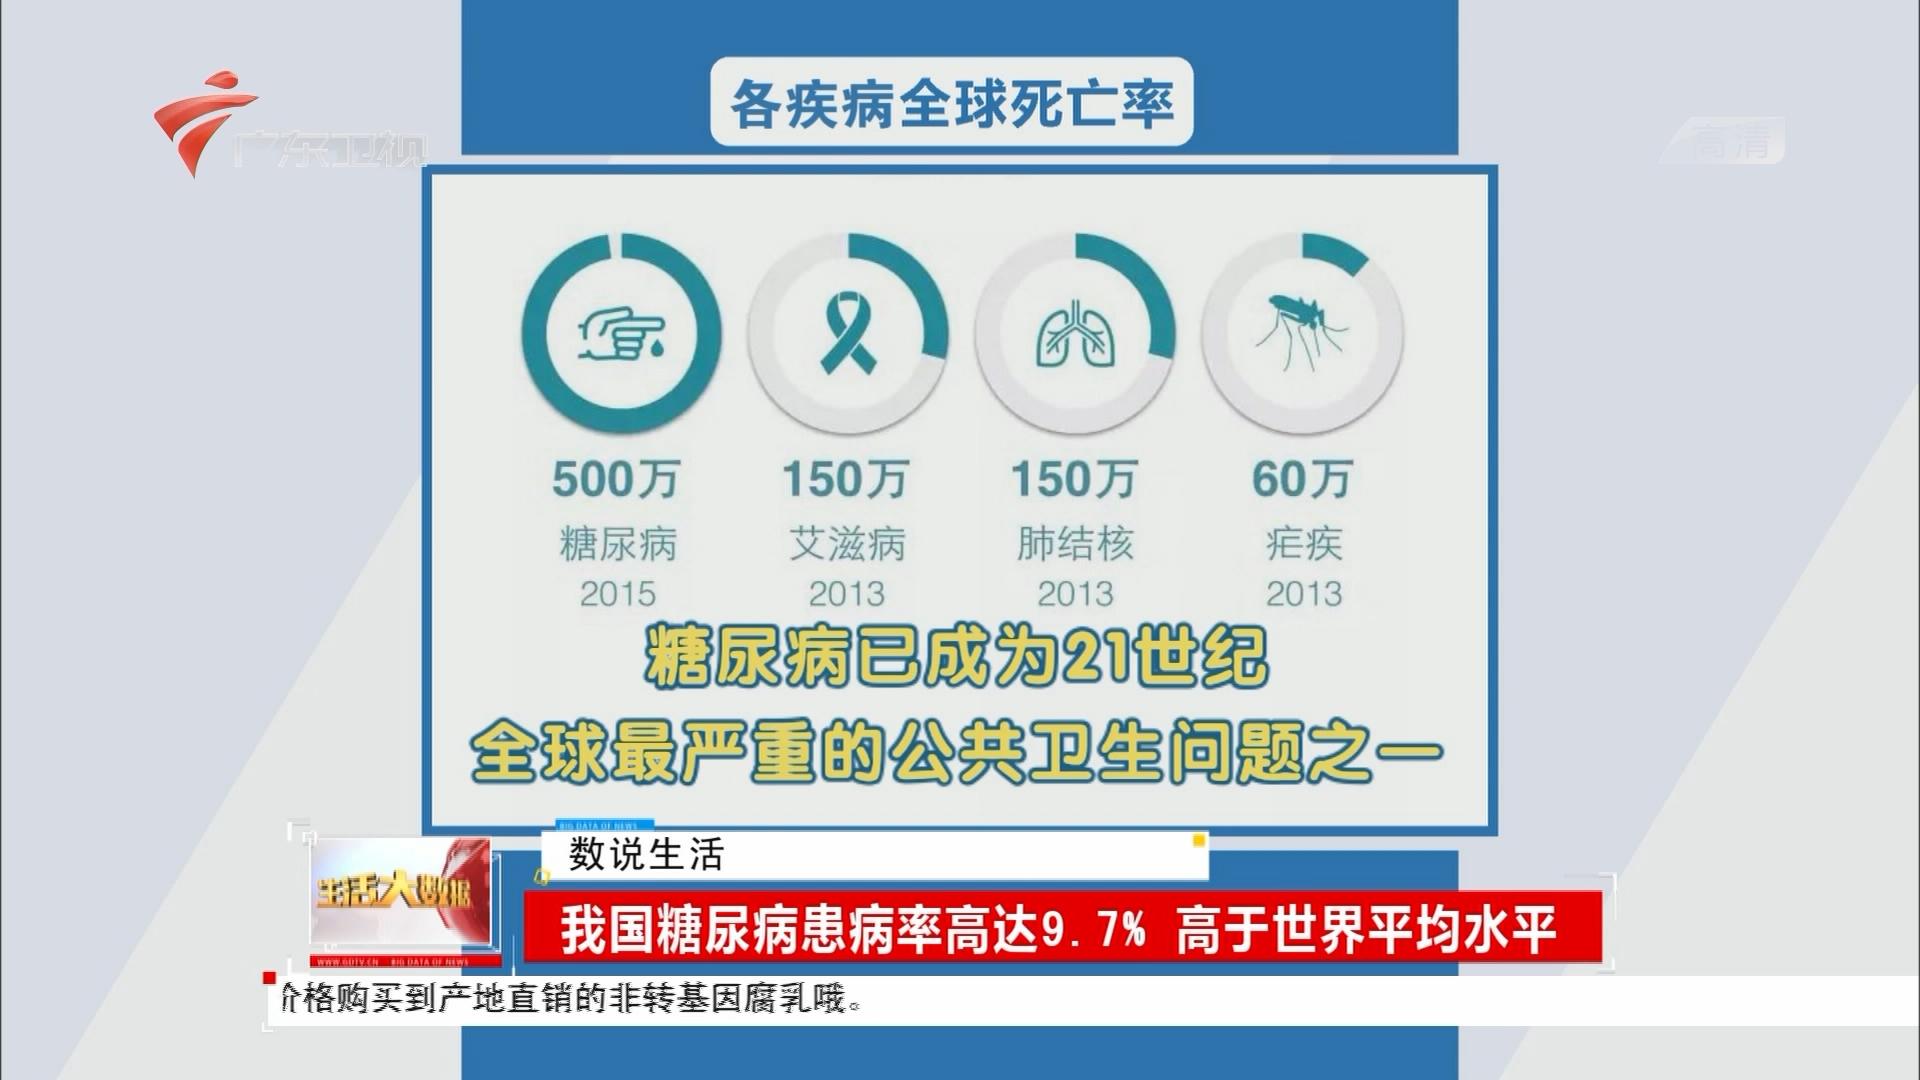 我国糖尿病患病率高达9.7% 高于世界平均水平